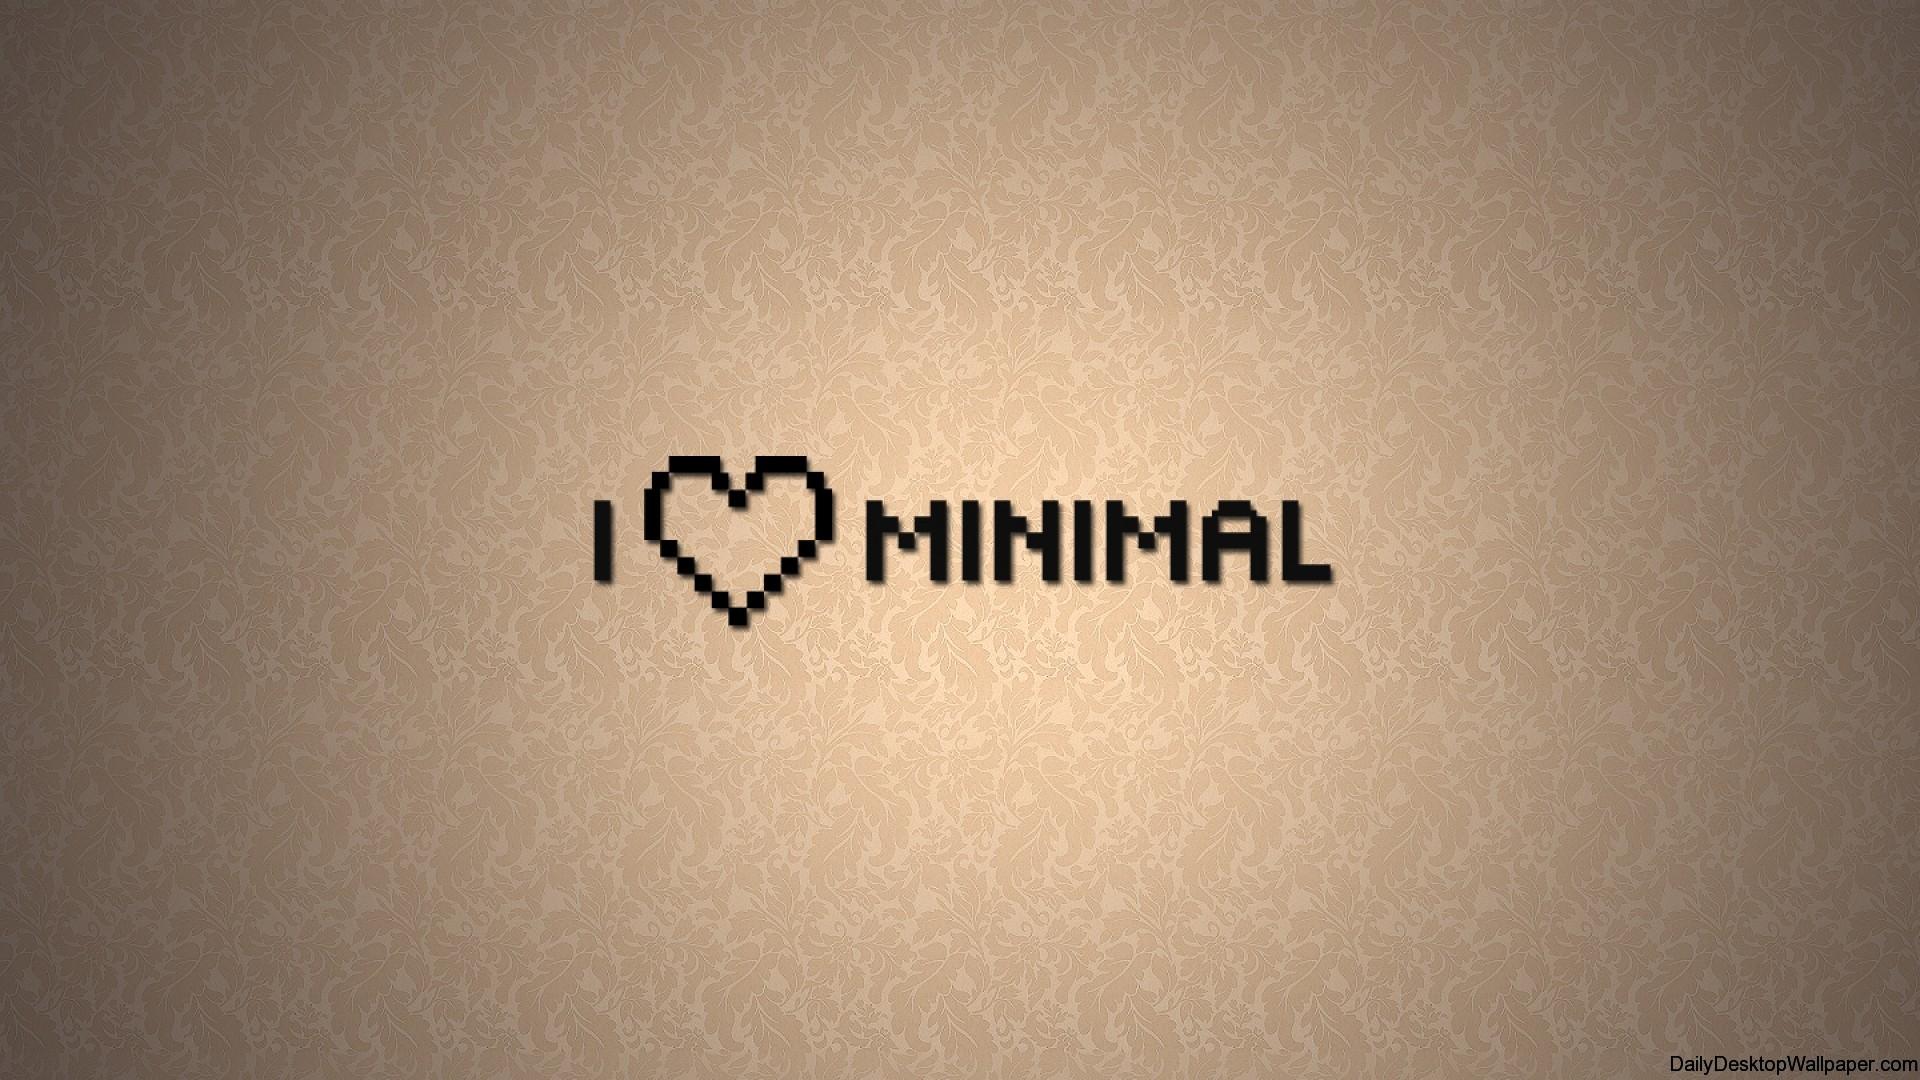 I Love Minimal